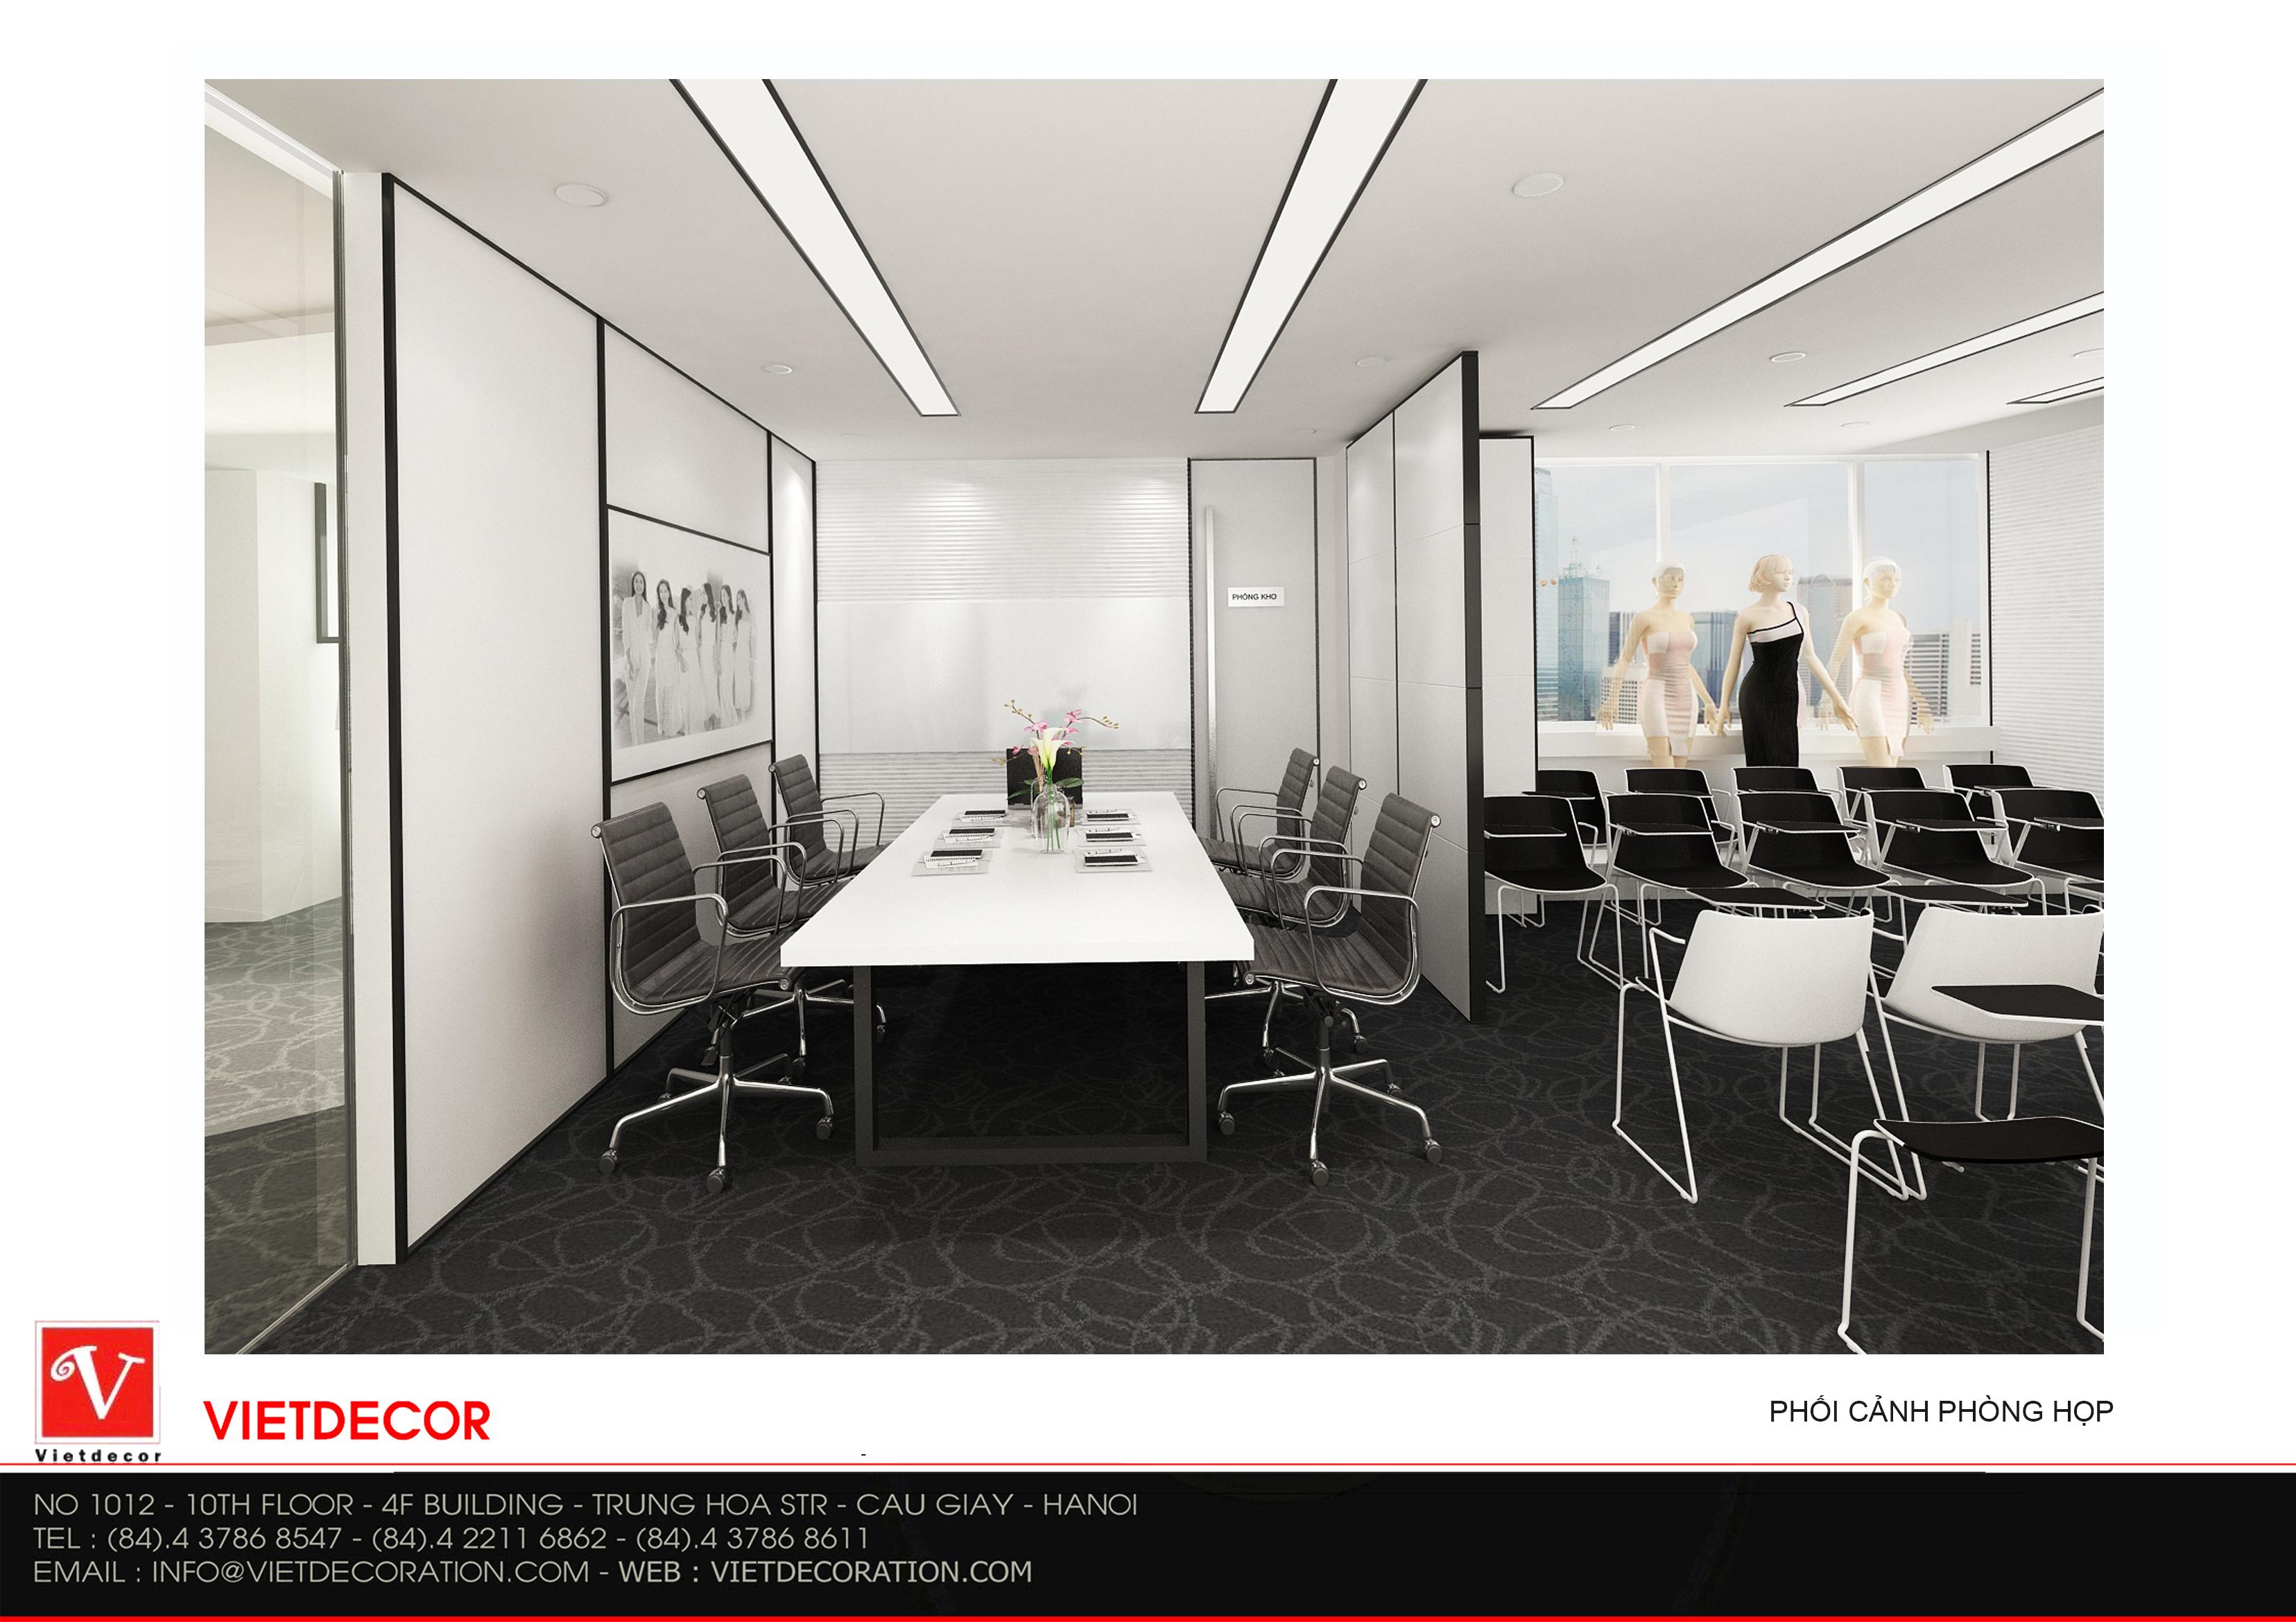 Thiết kế thi công nội thất văn phòng đẹp tại Hà Nội